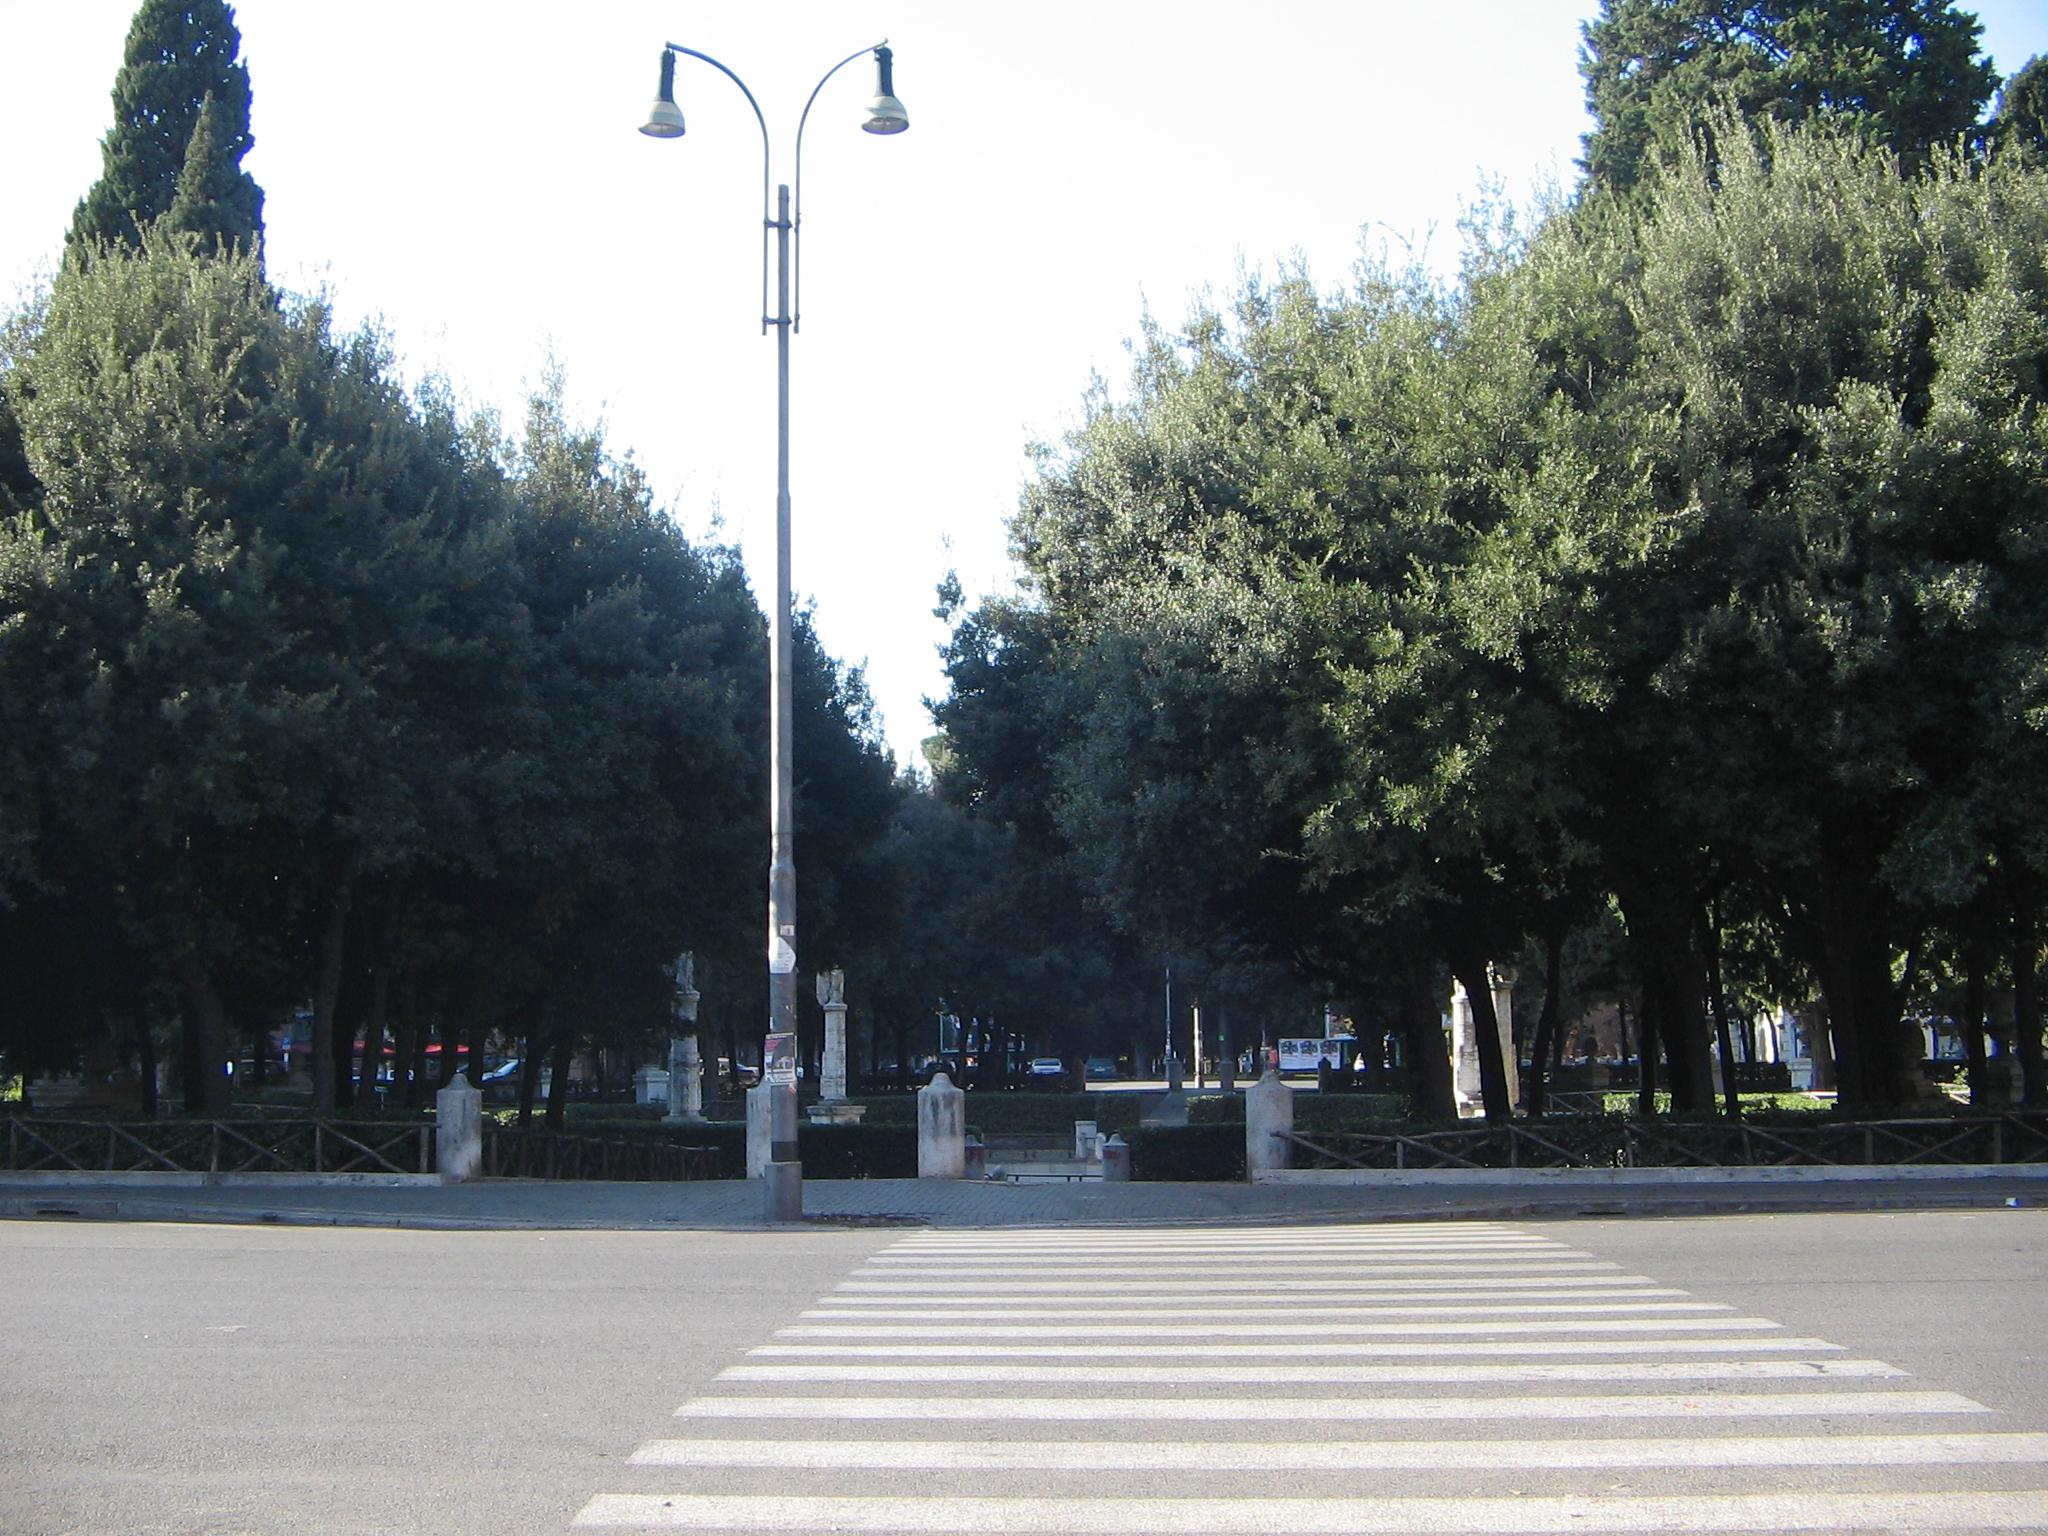 File:Piazza Mazzini (Roma) 1.JPG